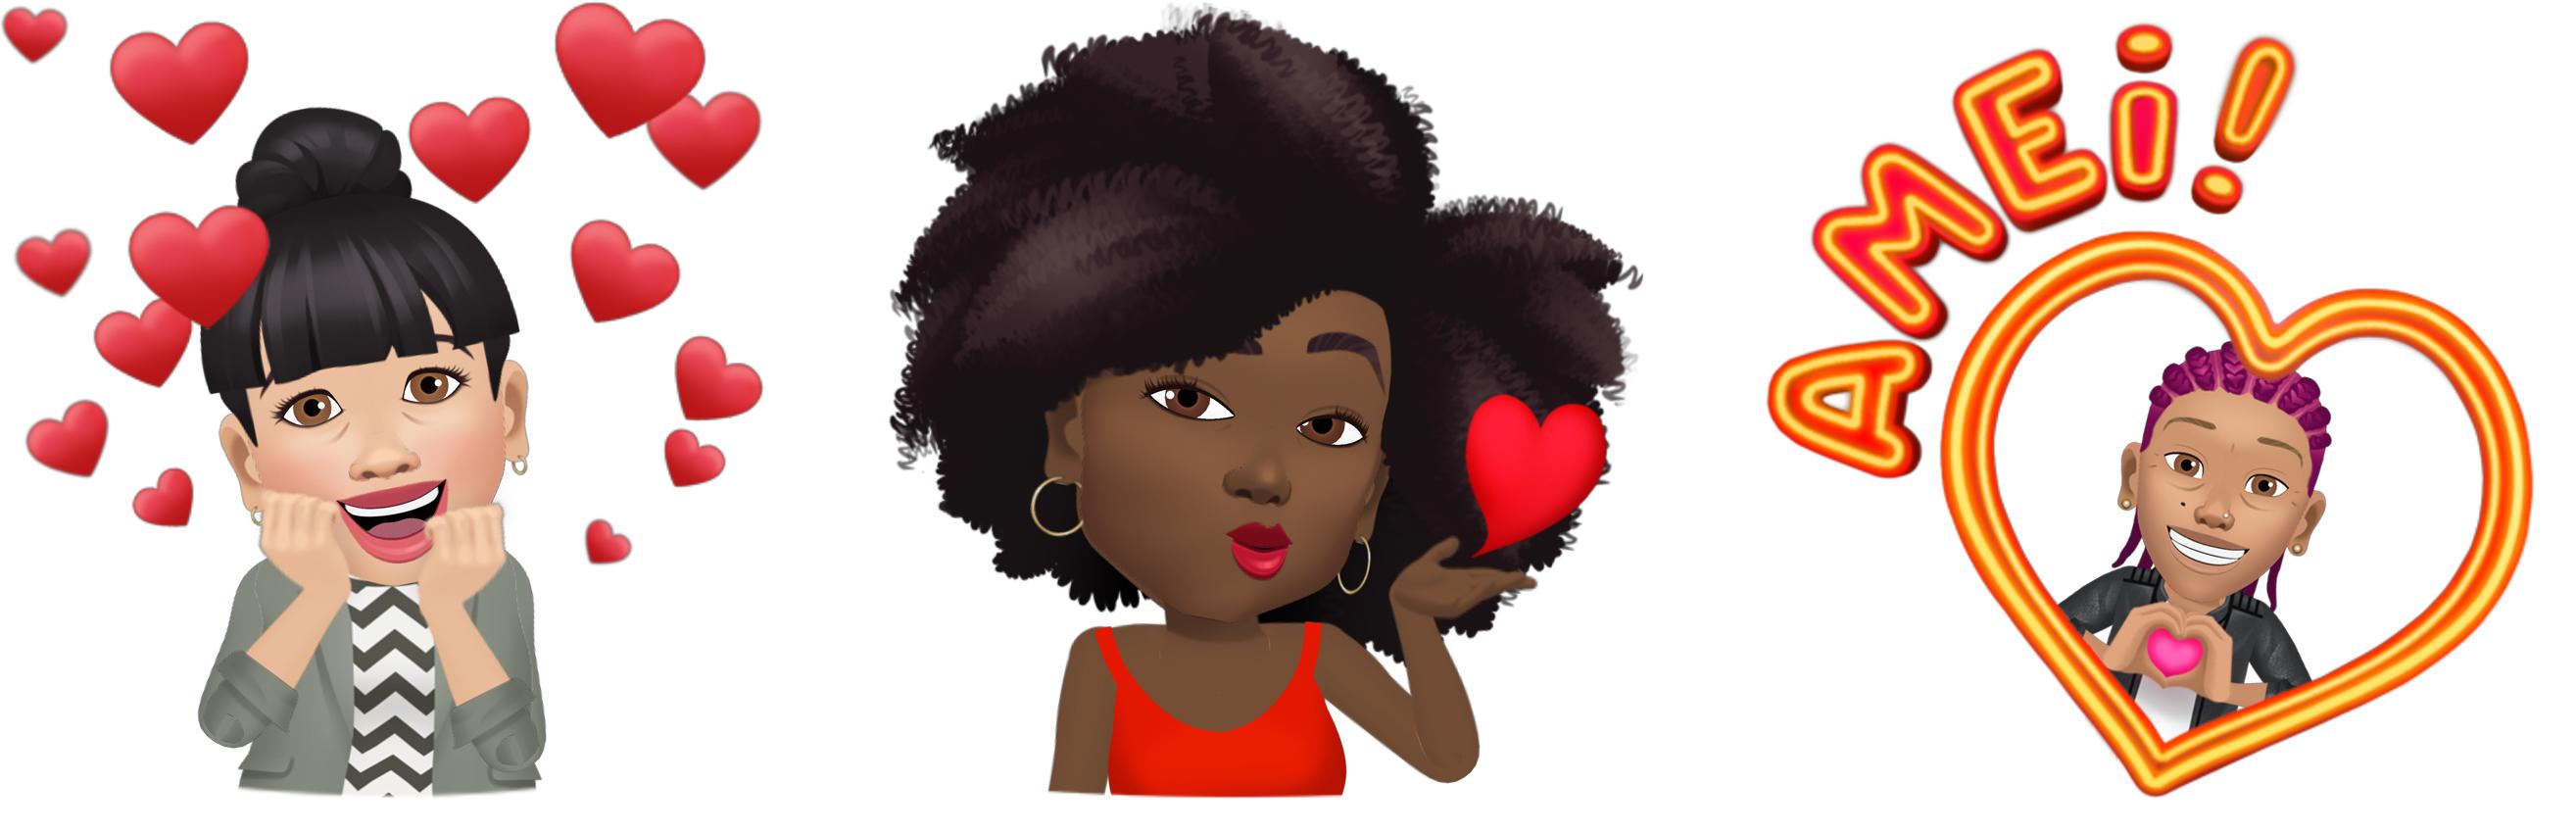 Dia dos Namorados Instagram